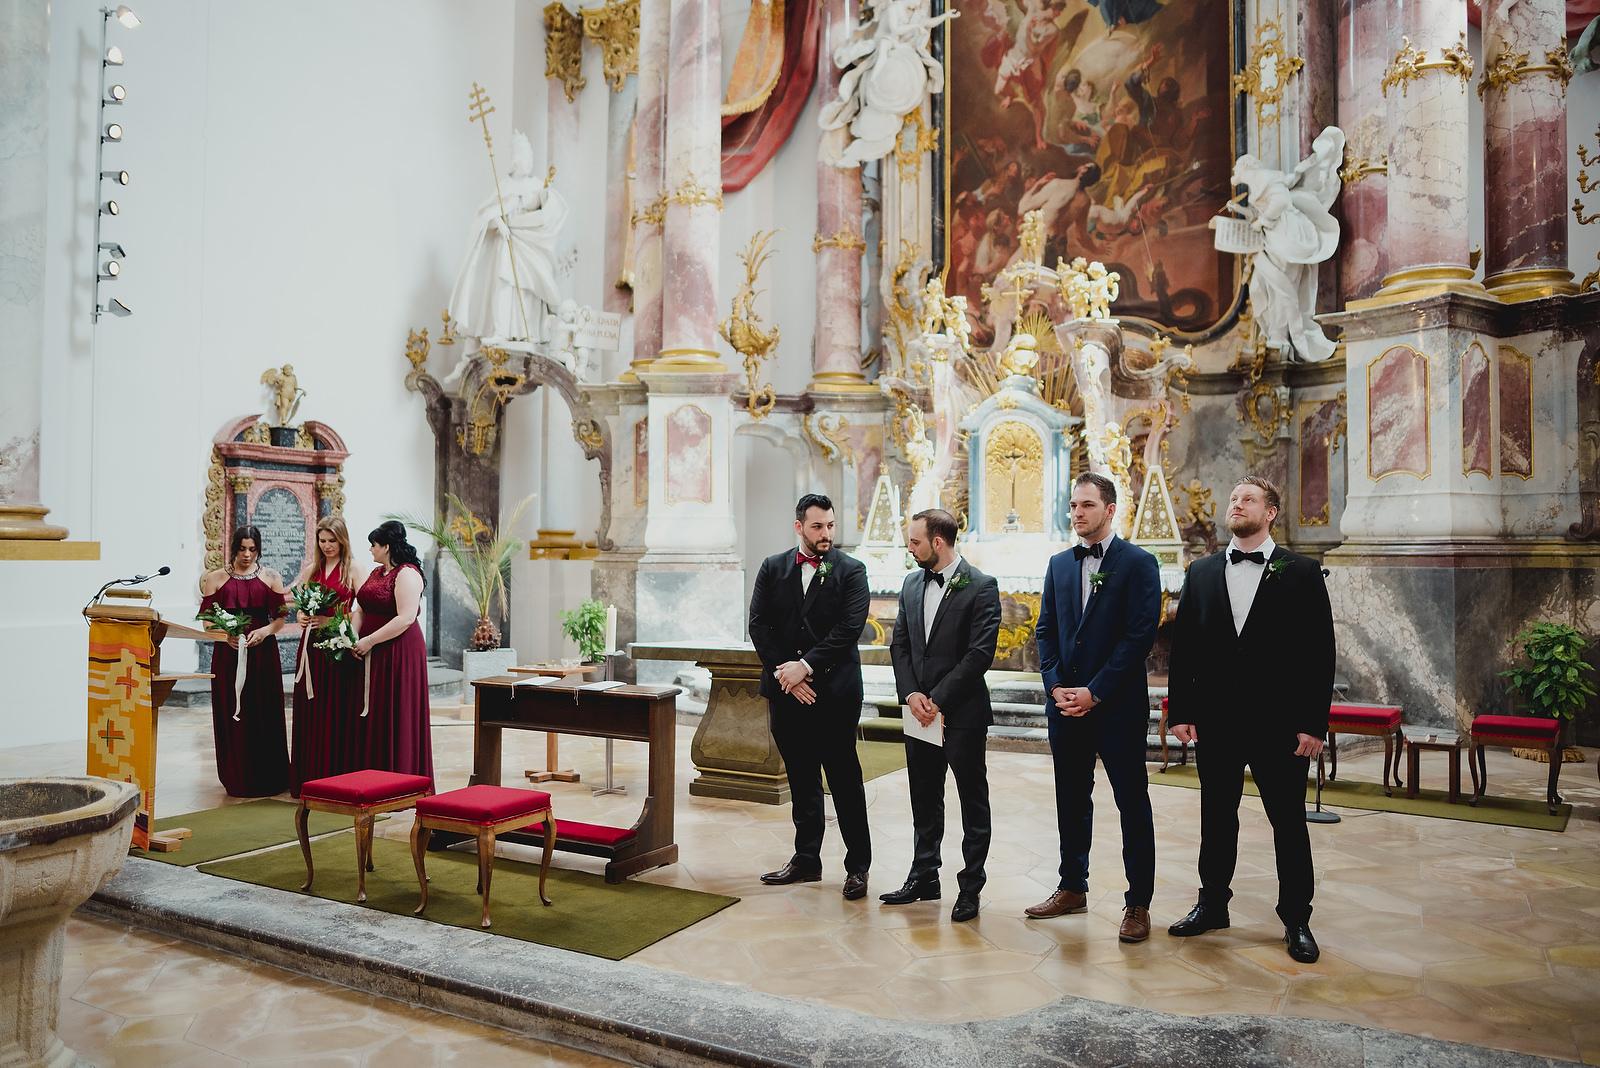 Referenz_Hochzeit_Kollektiv_EIS-23.JPG